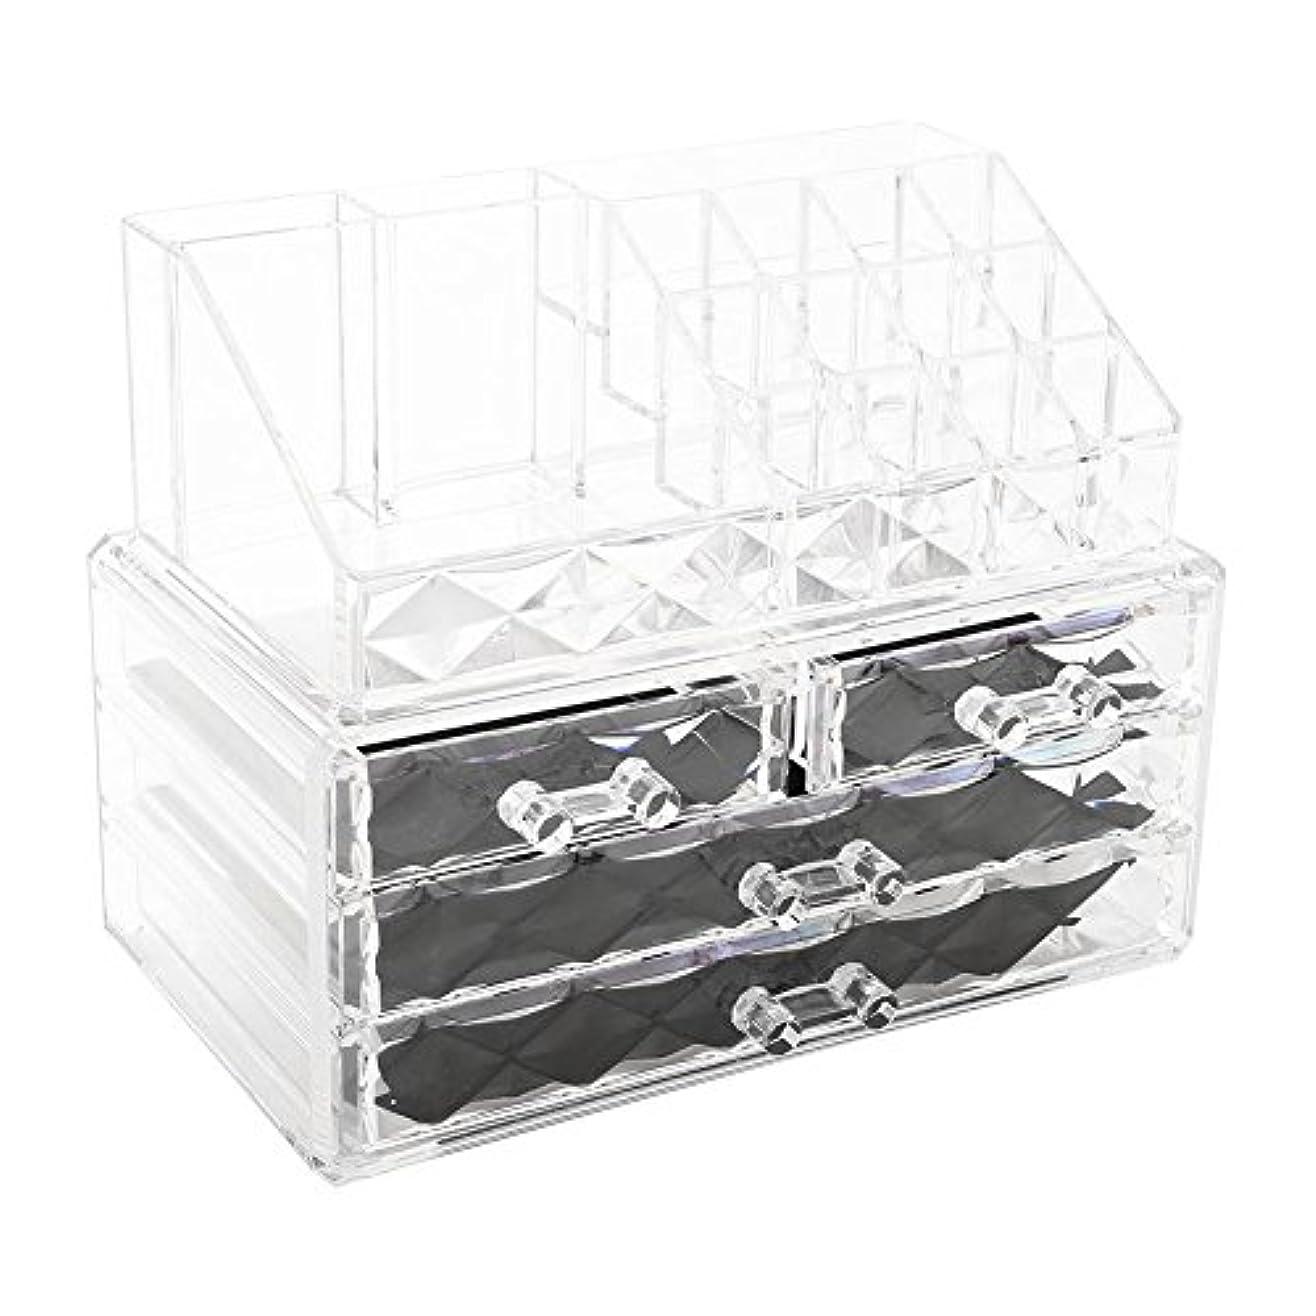 うぬぼれた農夫ストライク化粧品収納ボックス アクリル製 2段式 三つ引き出し 大容量 多機能 丈夫 耐用 防塵 高透明度 化粧道具 小物入れ 化粧品入れ コスメ収納スタンド(2色) (透明)